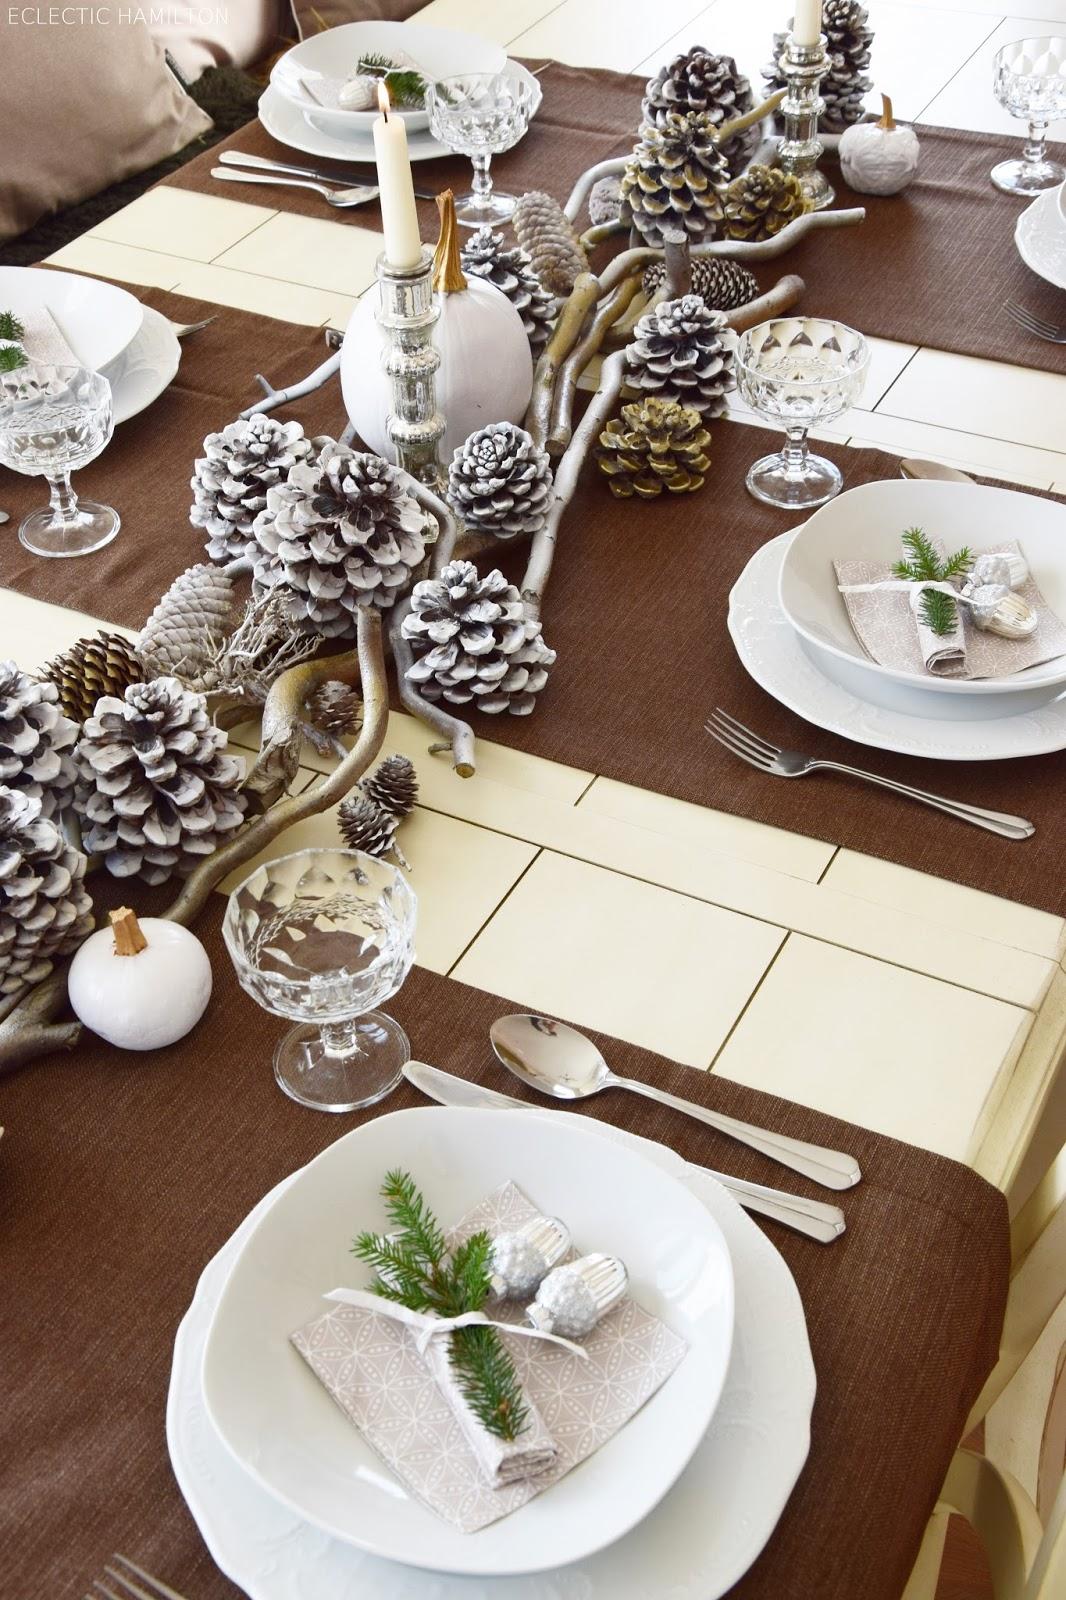 Winterlich Festliche Tischdeko Mit Naturmaterialien Eclectic Hamilton